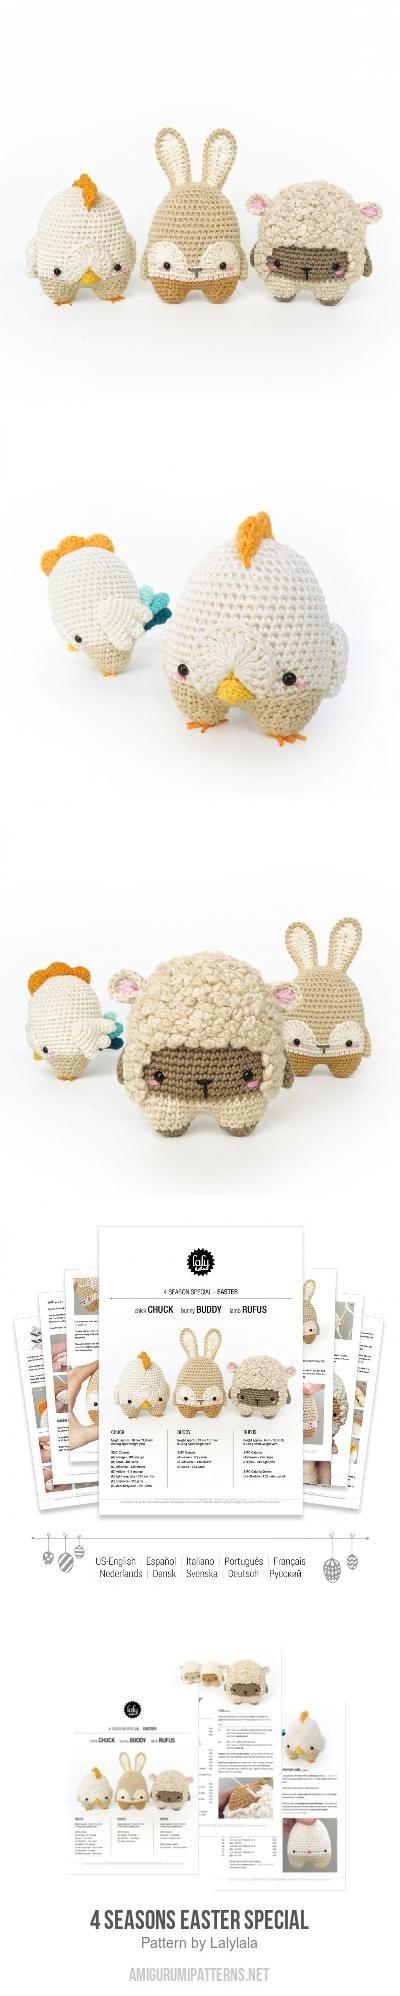 4 seasons Easter special amigurumi pattern